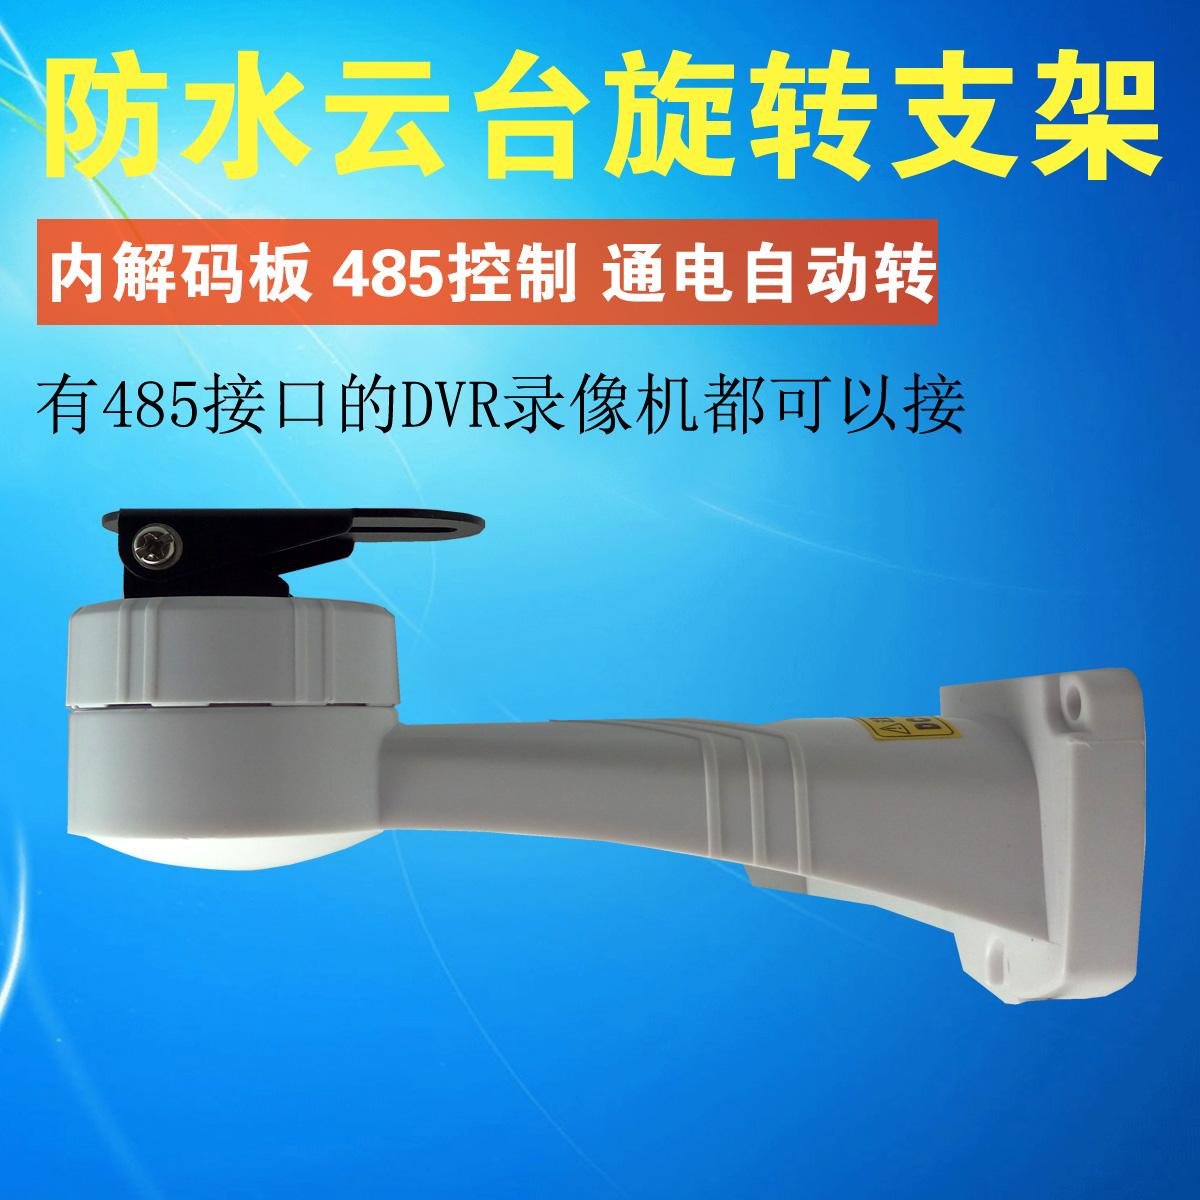 Уровень ptz стоять на открытом воздухе водонепроницаемый видео машинально 485 контроль монитор поворот 12V питание от автоматическая вращение